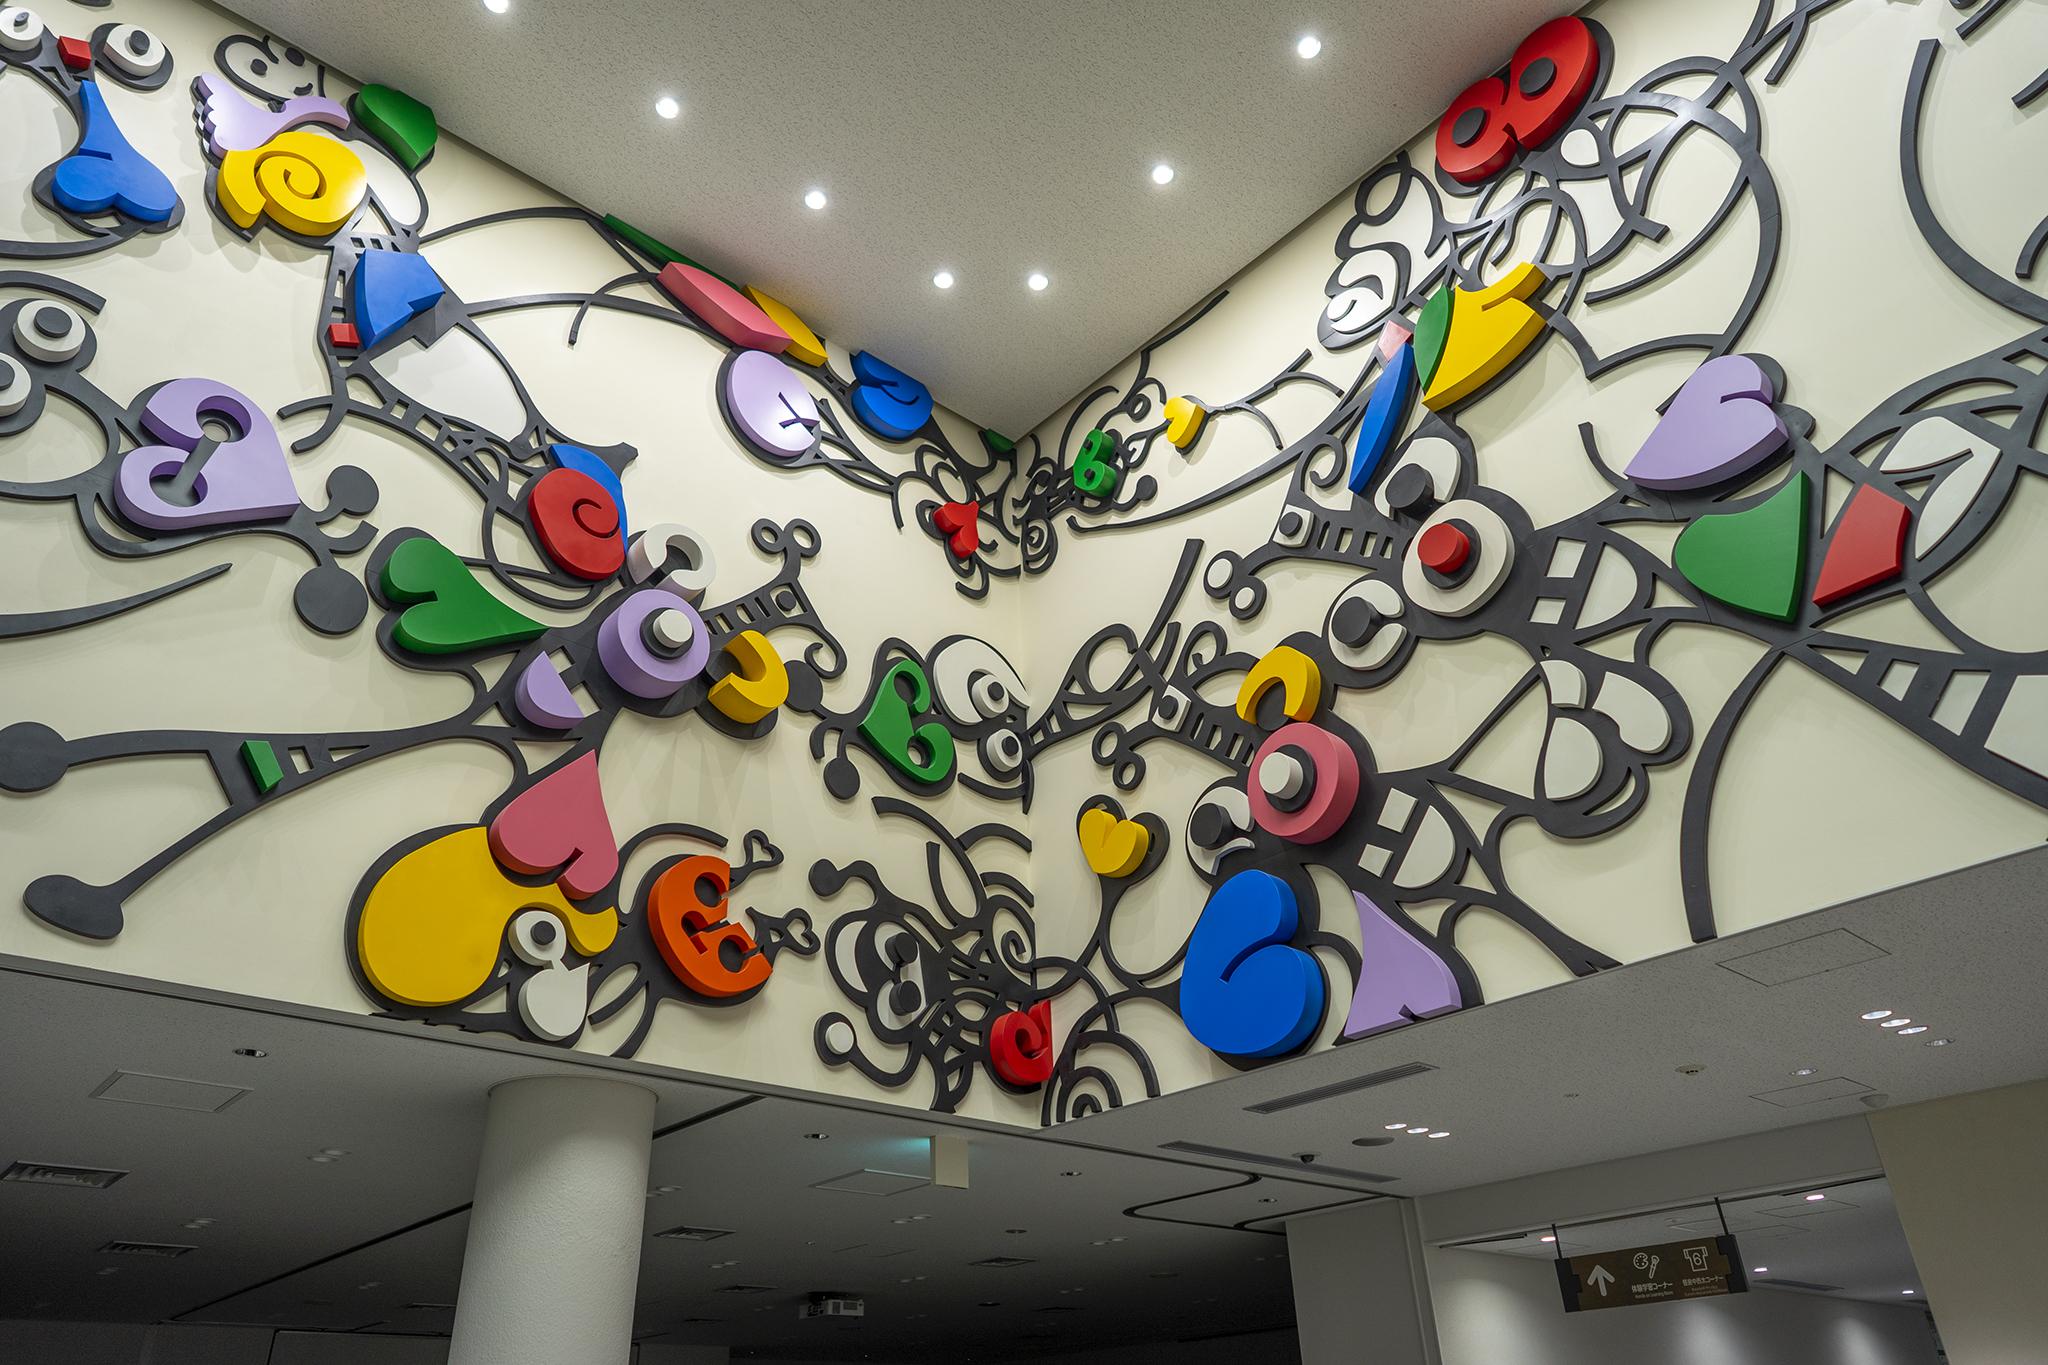 たかまつミライエにある川島猛作品「Angel P's Dreamland」